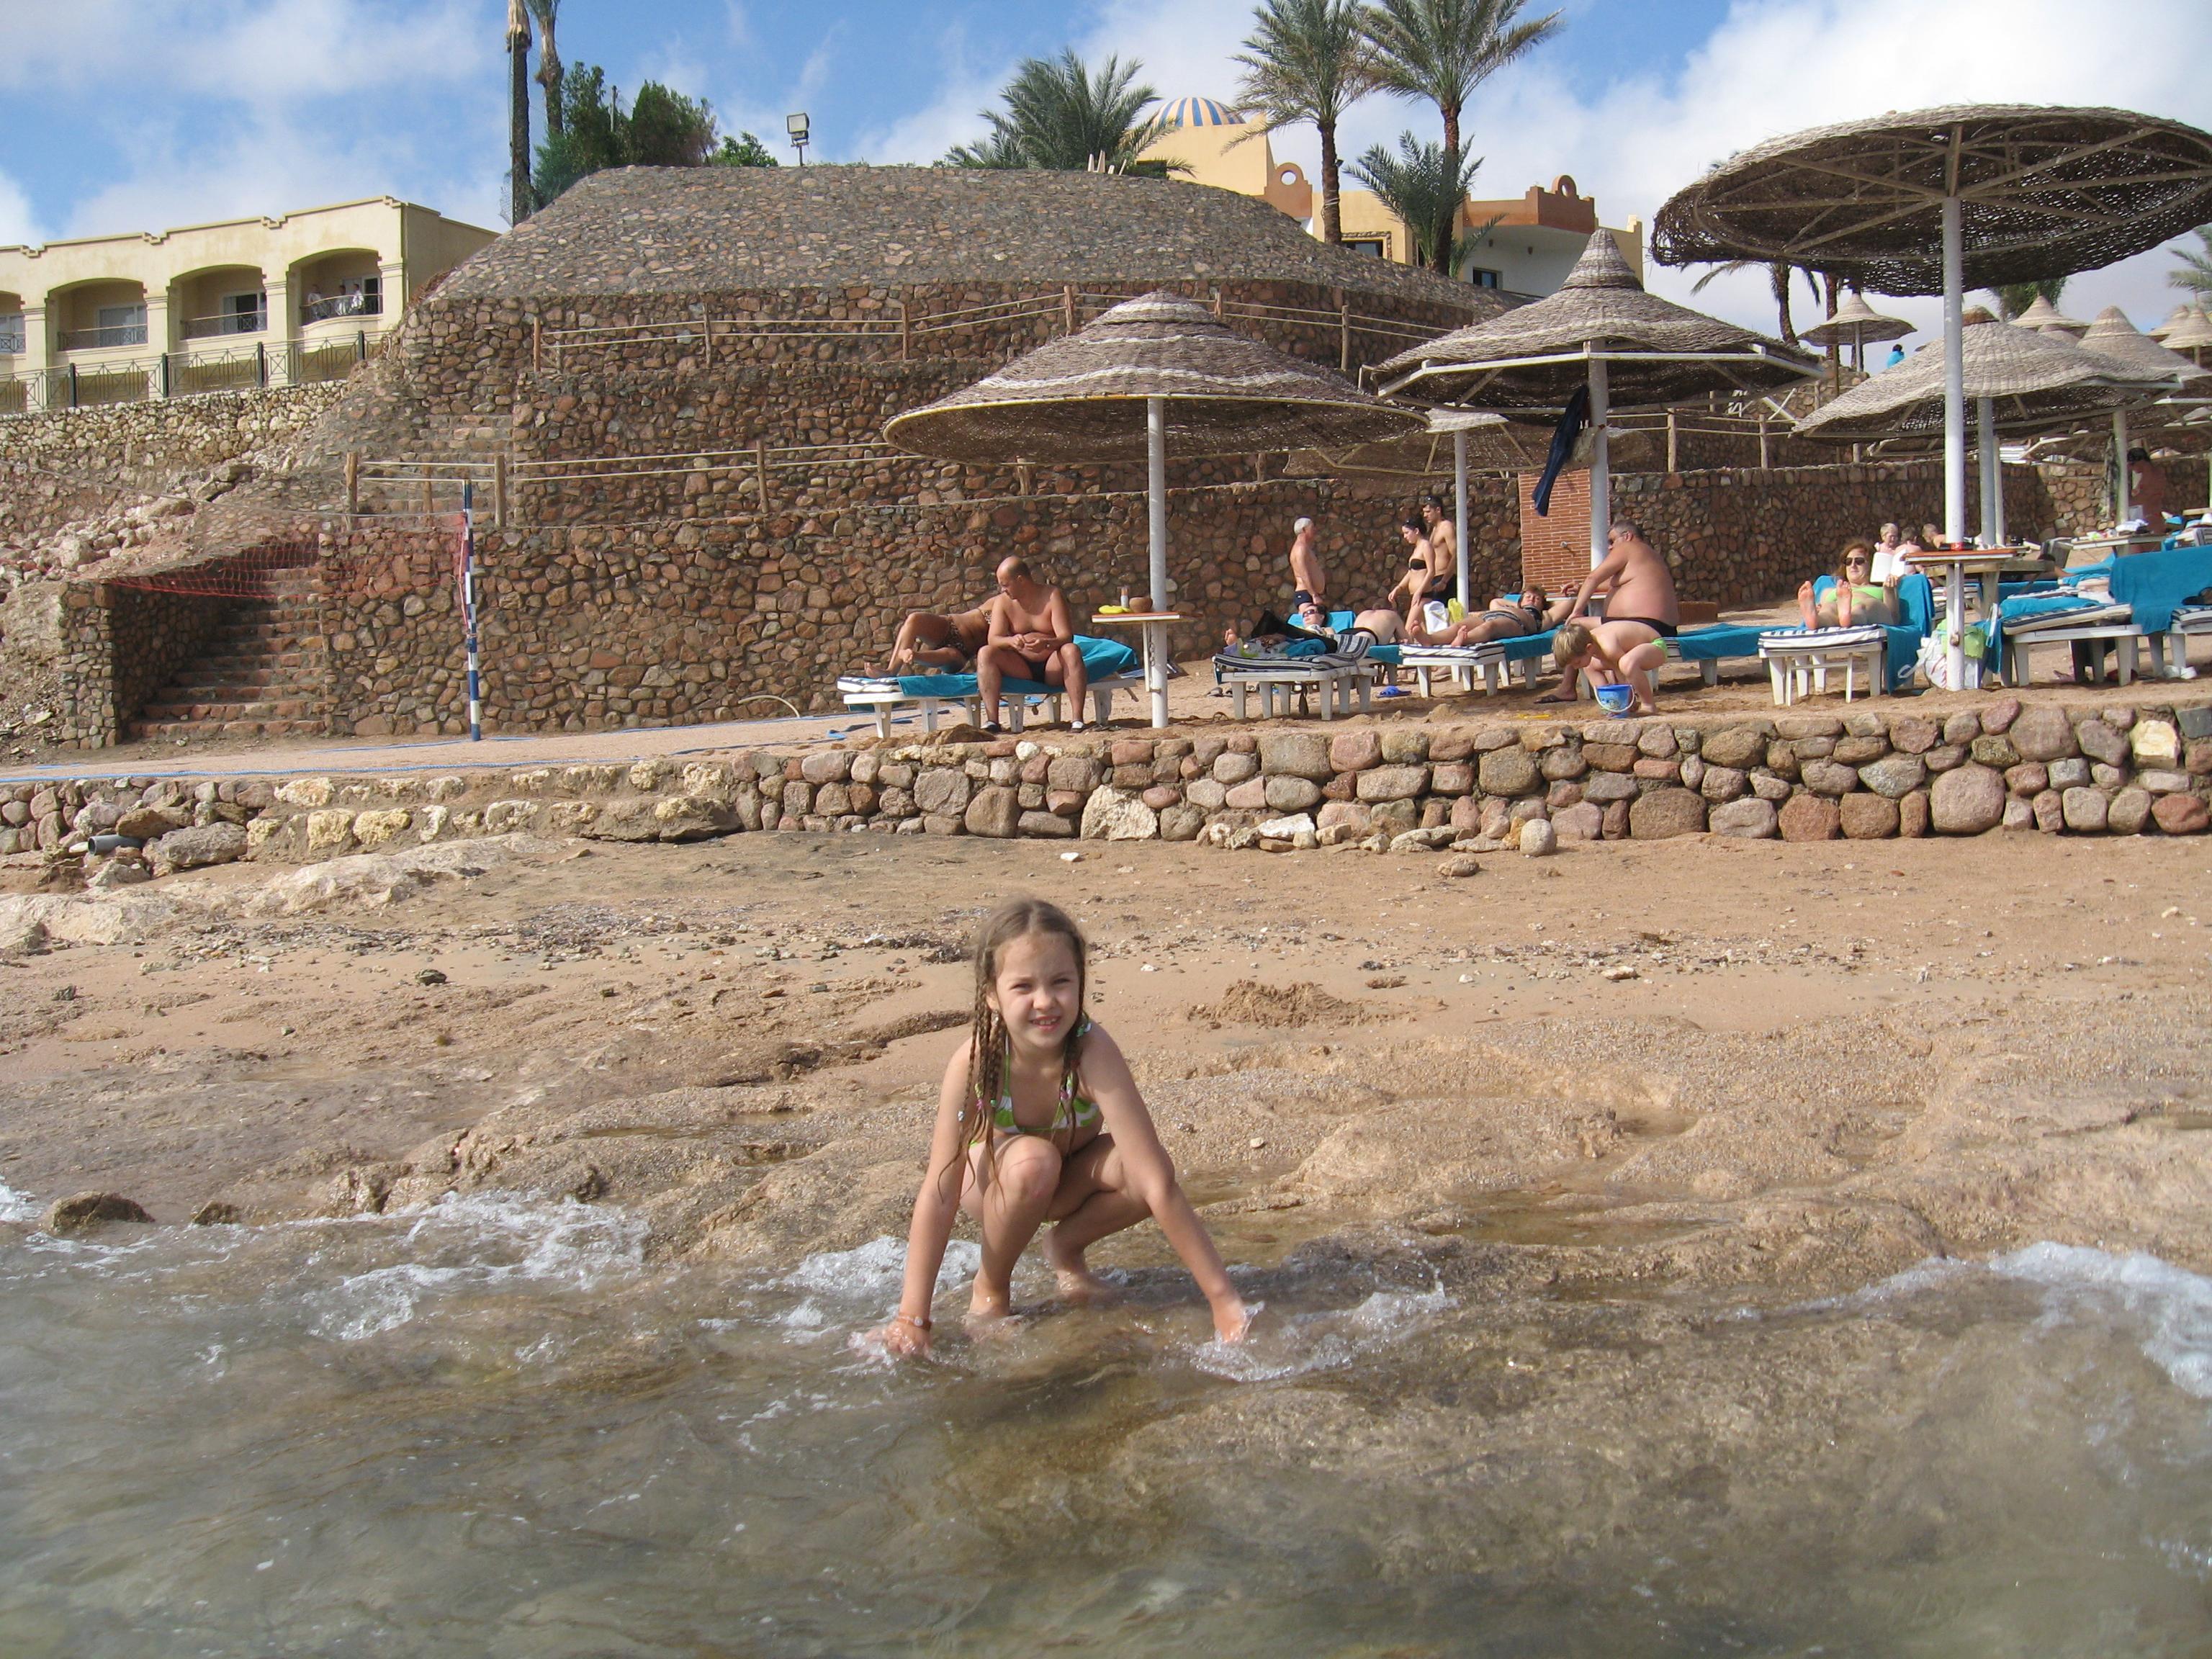 Фото голых девок в египте, Голая египтянка мечта фараона 6 фотография